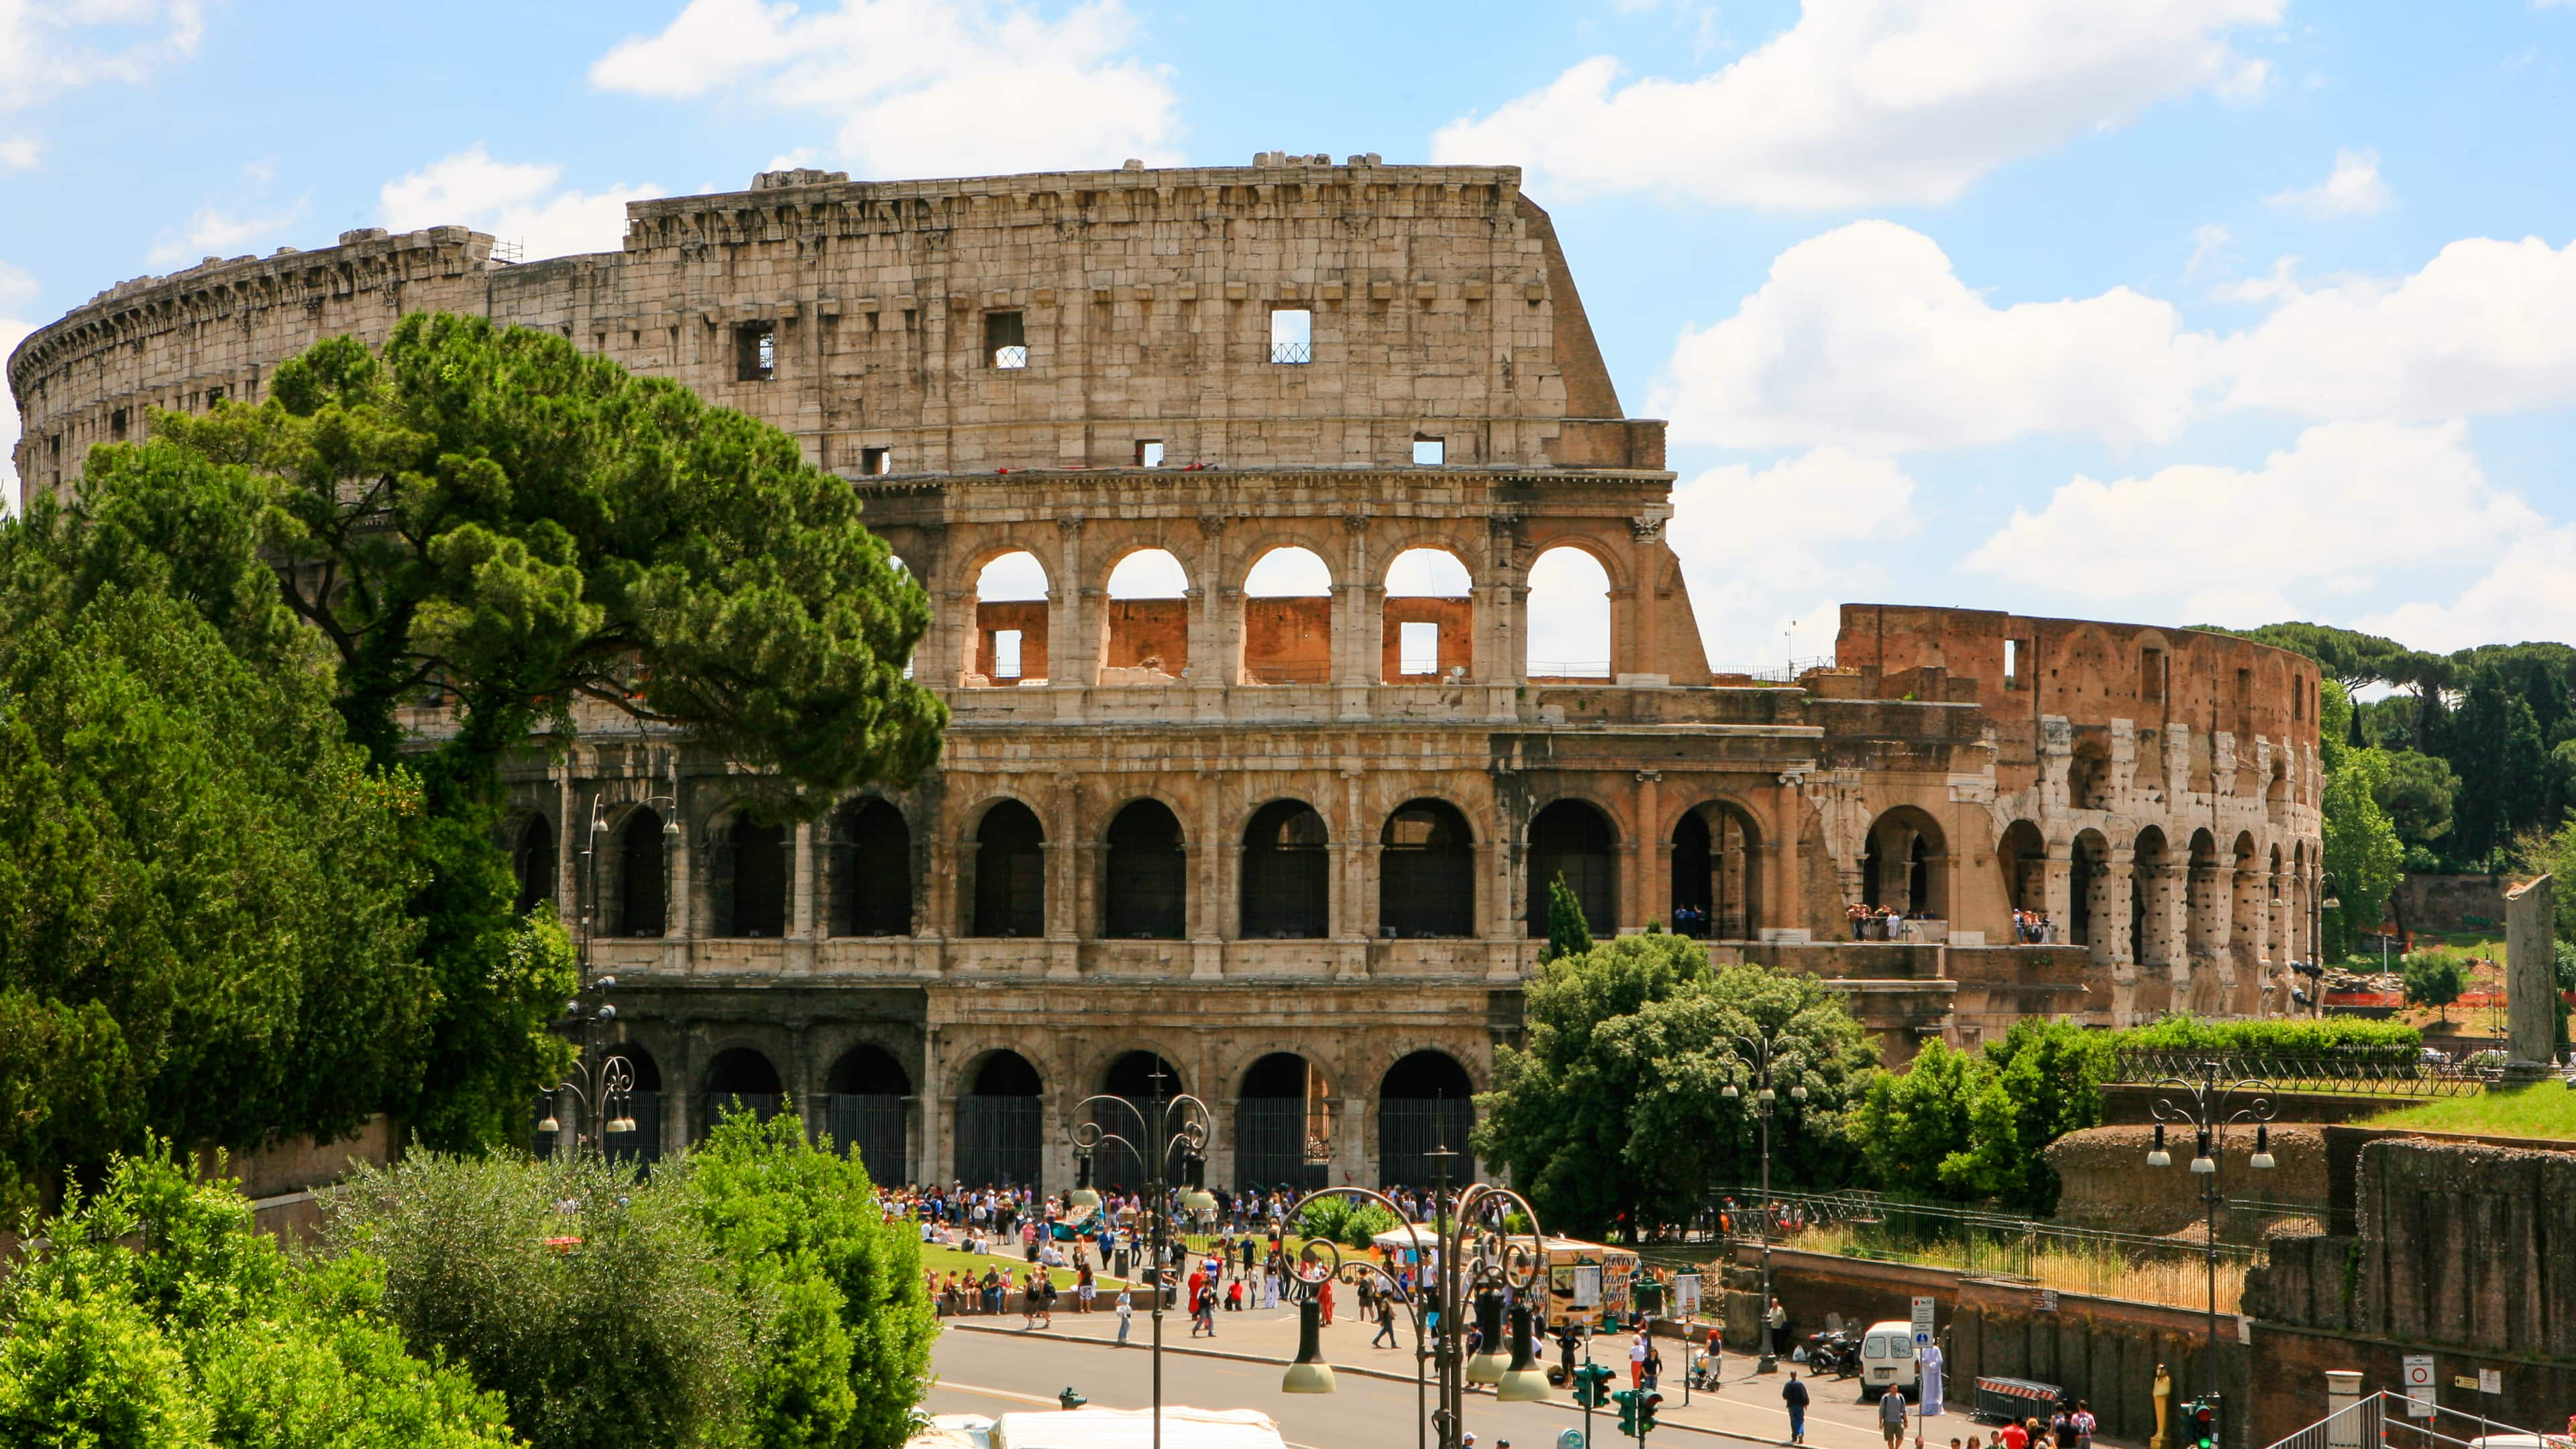 Le Colisée à Rome avec des gens qui se promènent à l'extérieur